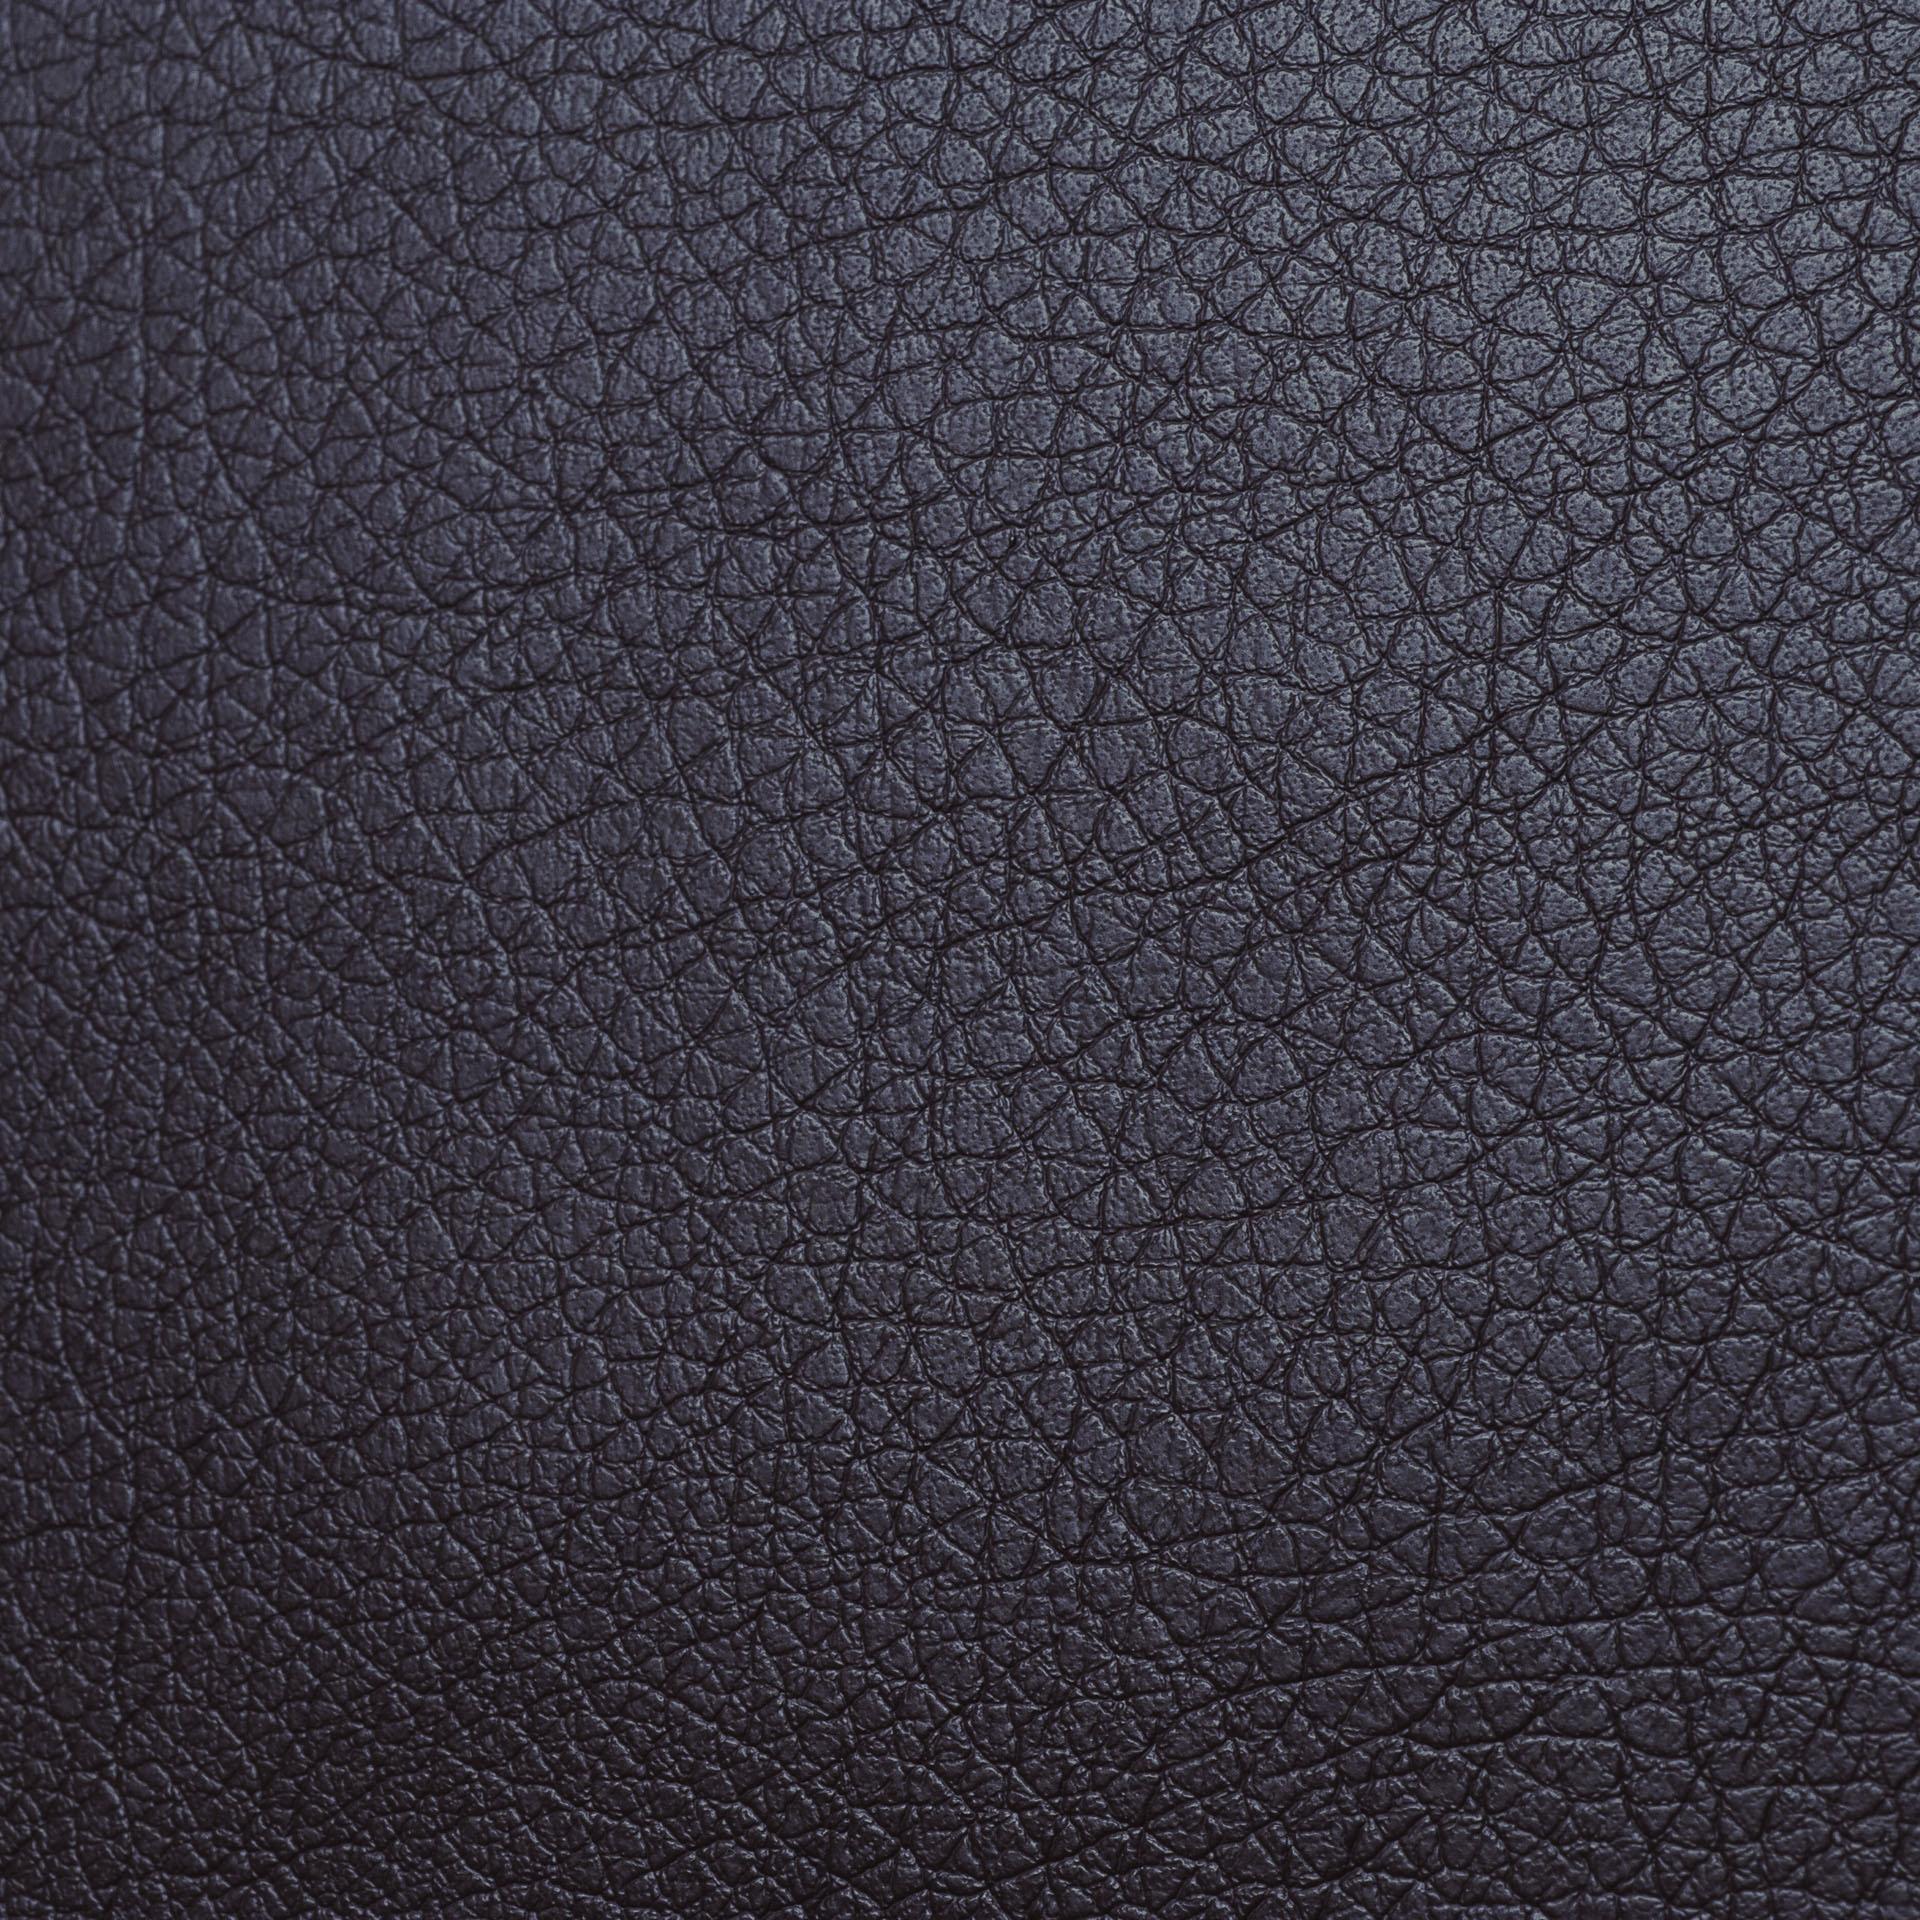 Коллекция ткани Софитель 14 Plummy Brown,  купить ткань Кож зам для мебели Украина